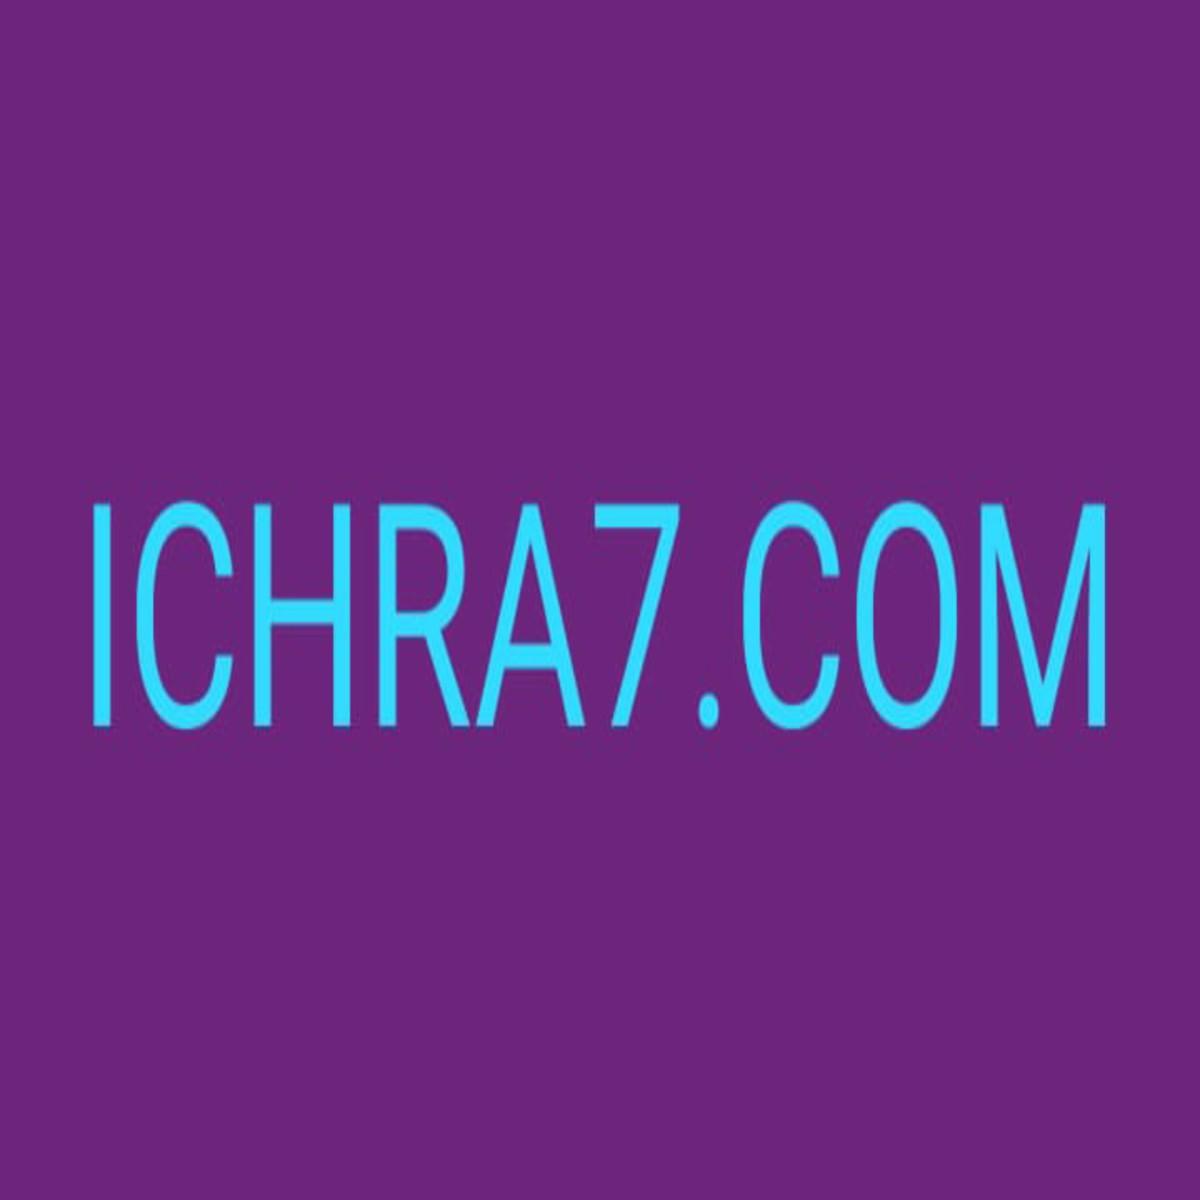 الأسئلة الأكتر شيوعا عند تعلم الدرهم المغربي | ichra7.com